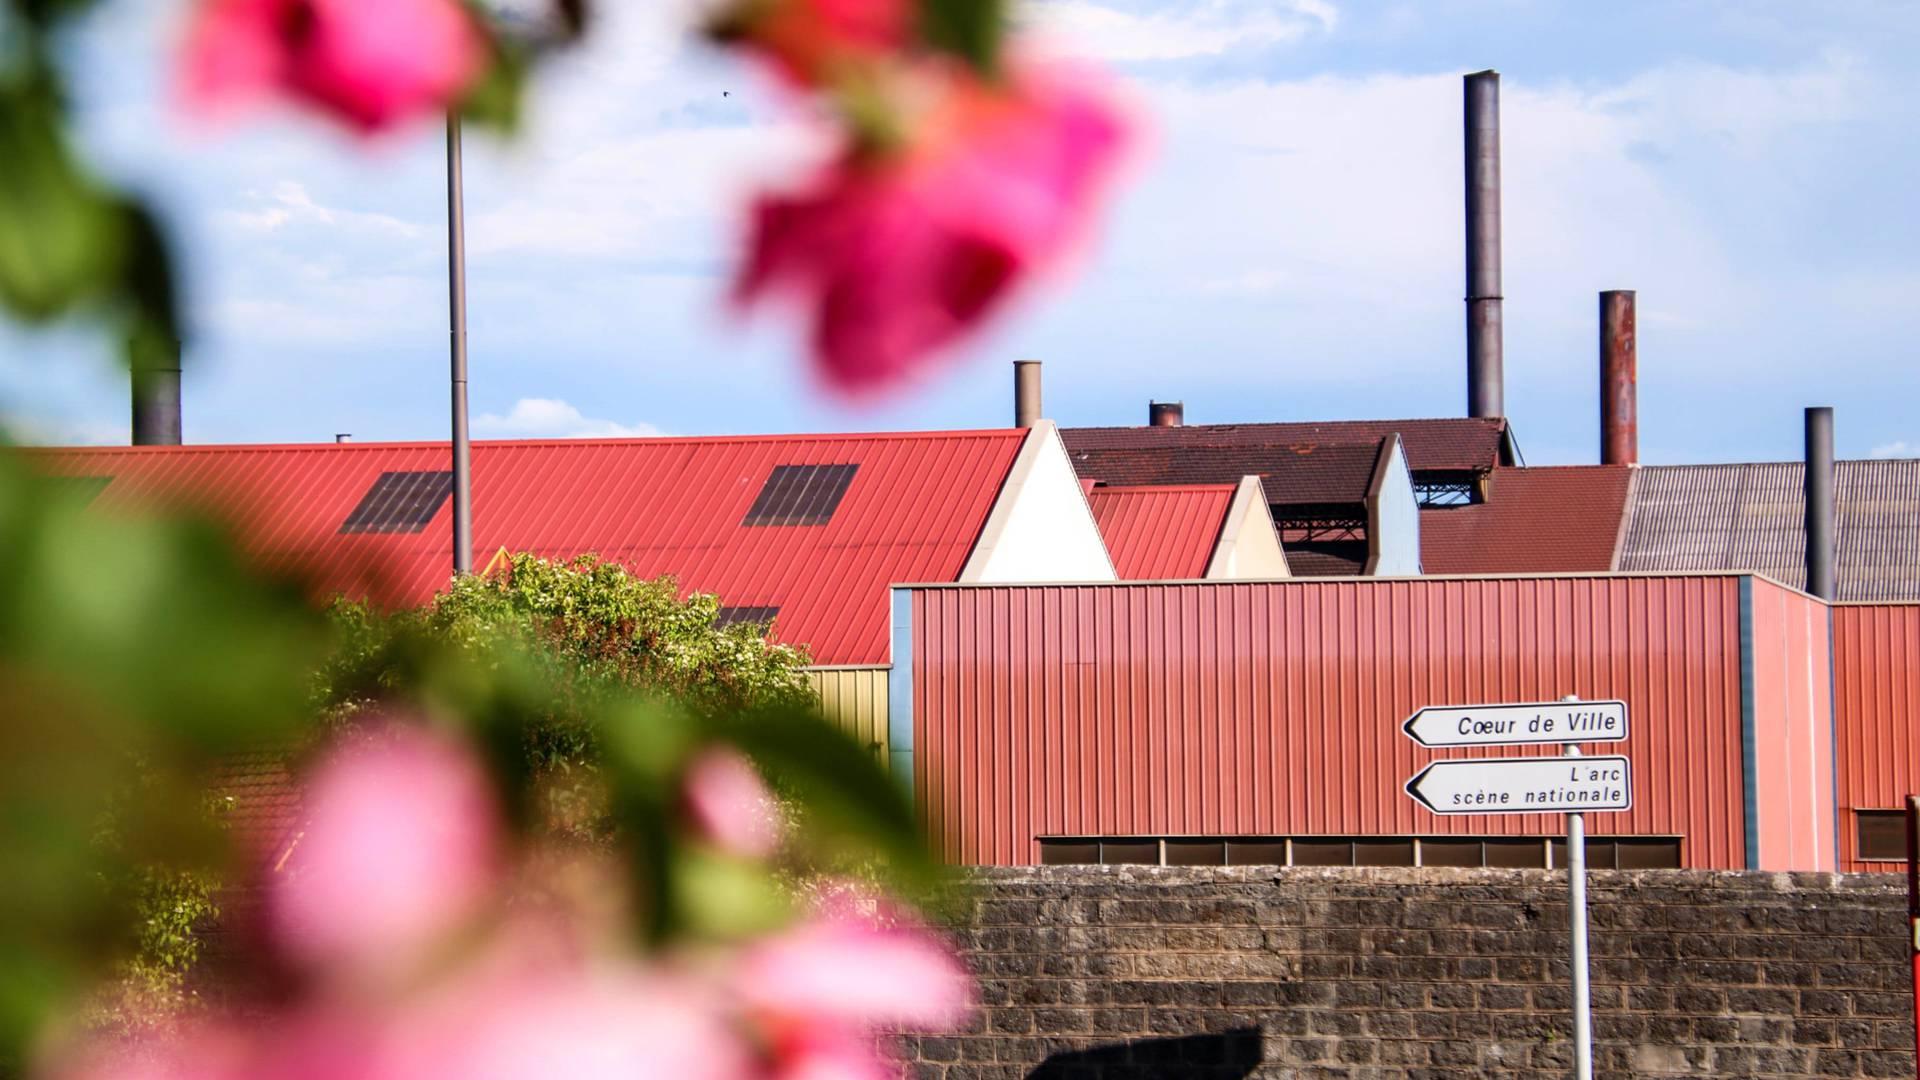 Halles industrielles, Le Creusot. © Lesley Williamson.